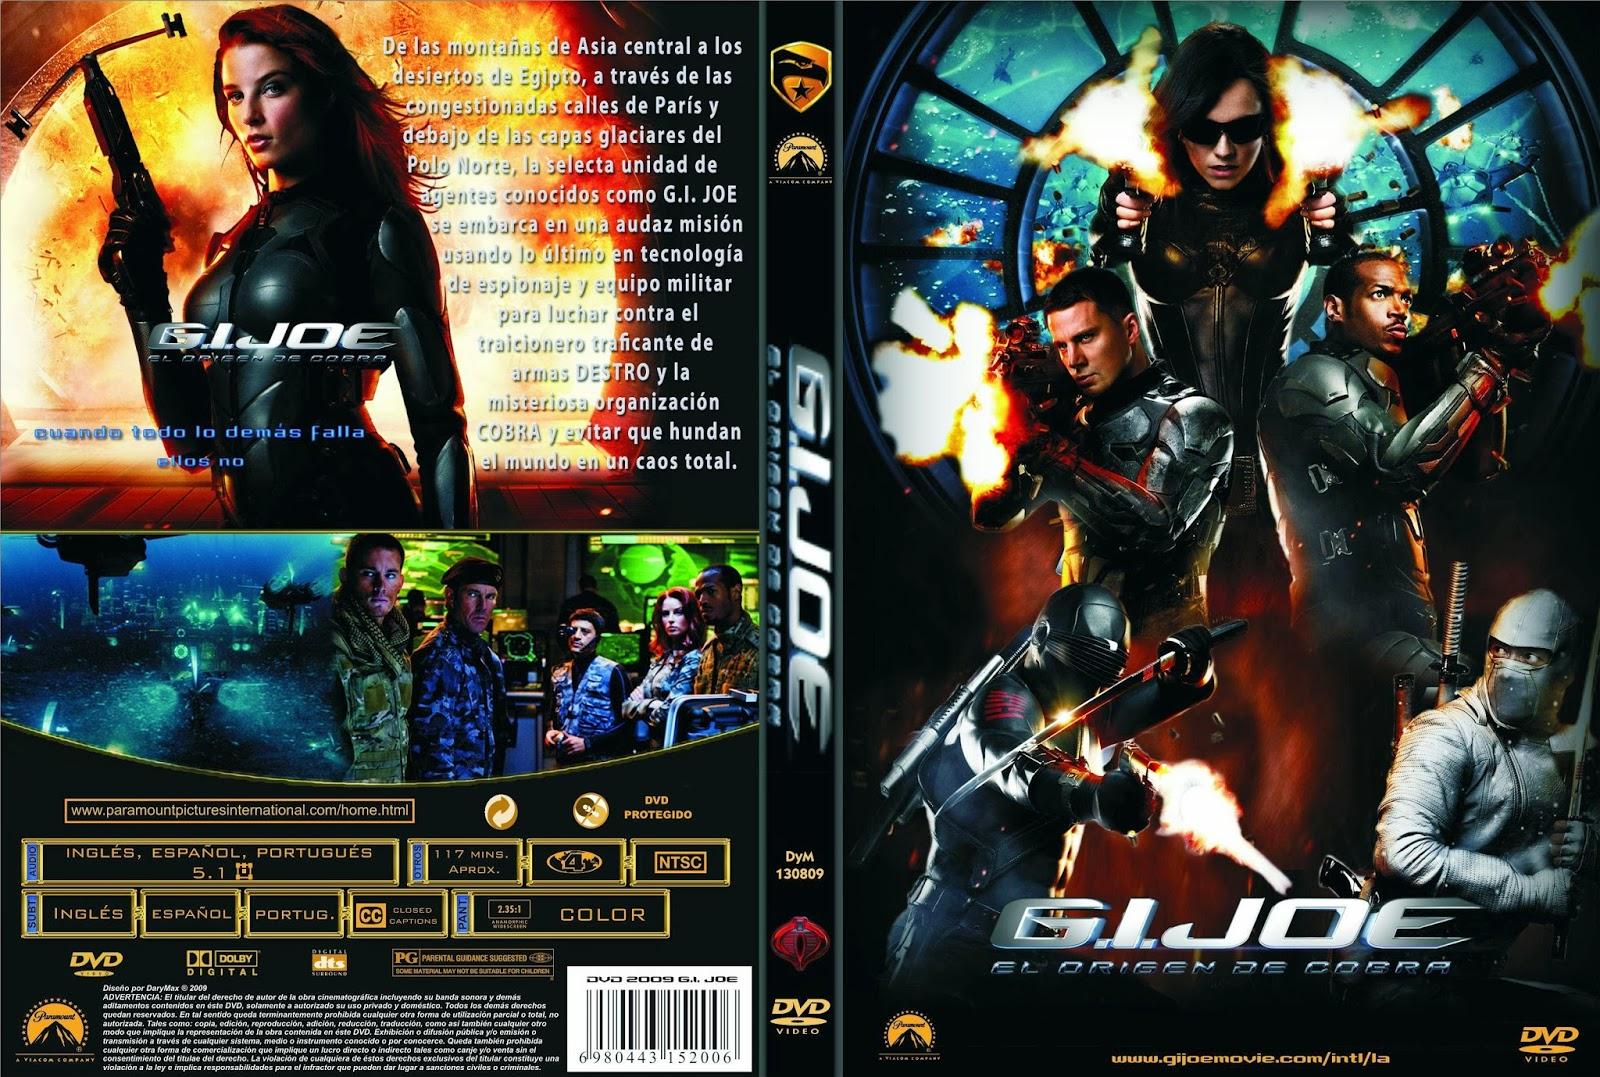 Resultado de imagen para G.I. Joe: El origen de cobra 2009